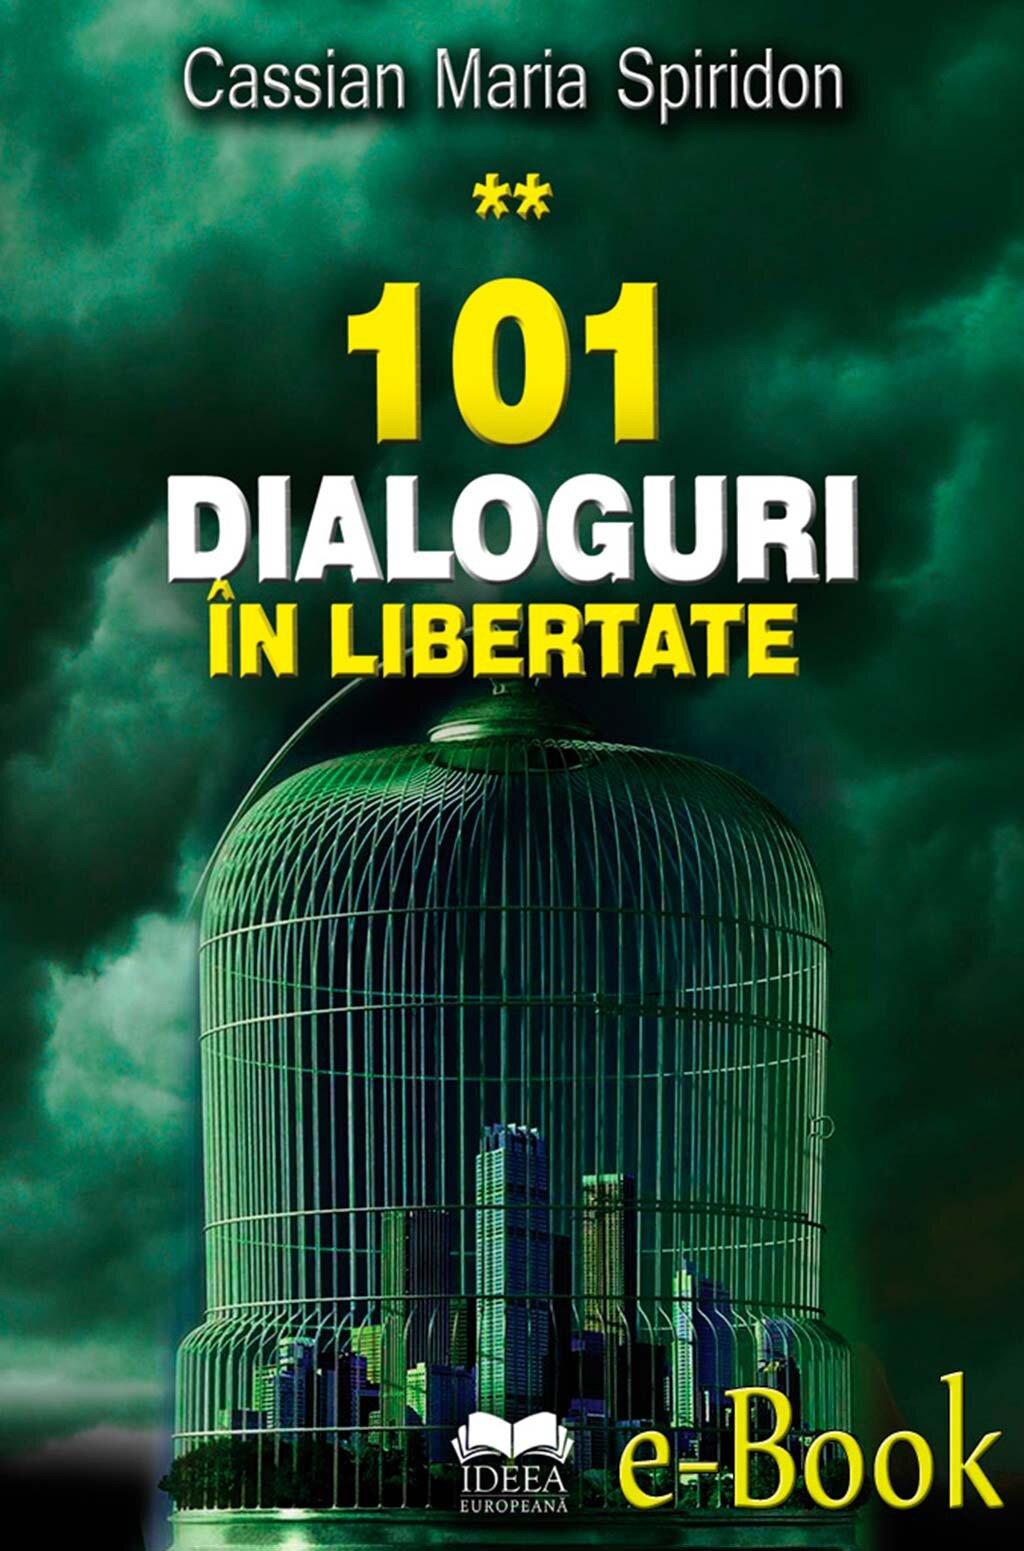 101 dialoguri in libertate (vol. 2) (eBook)